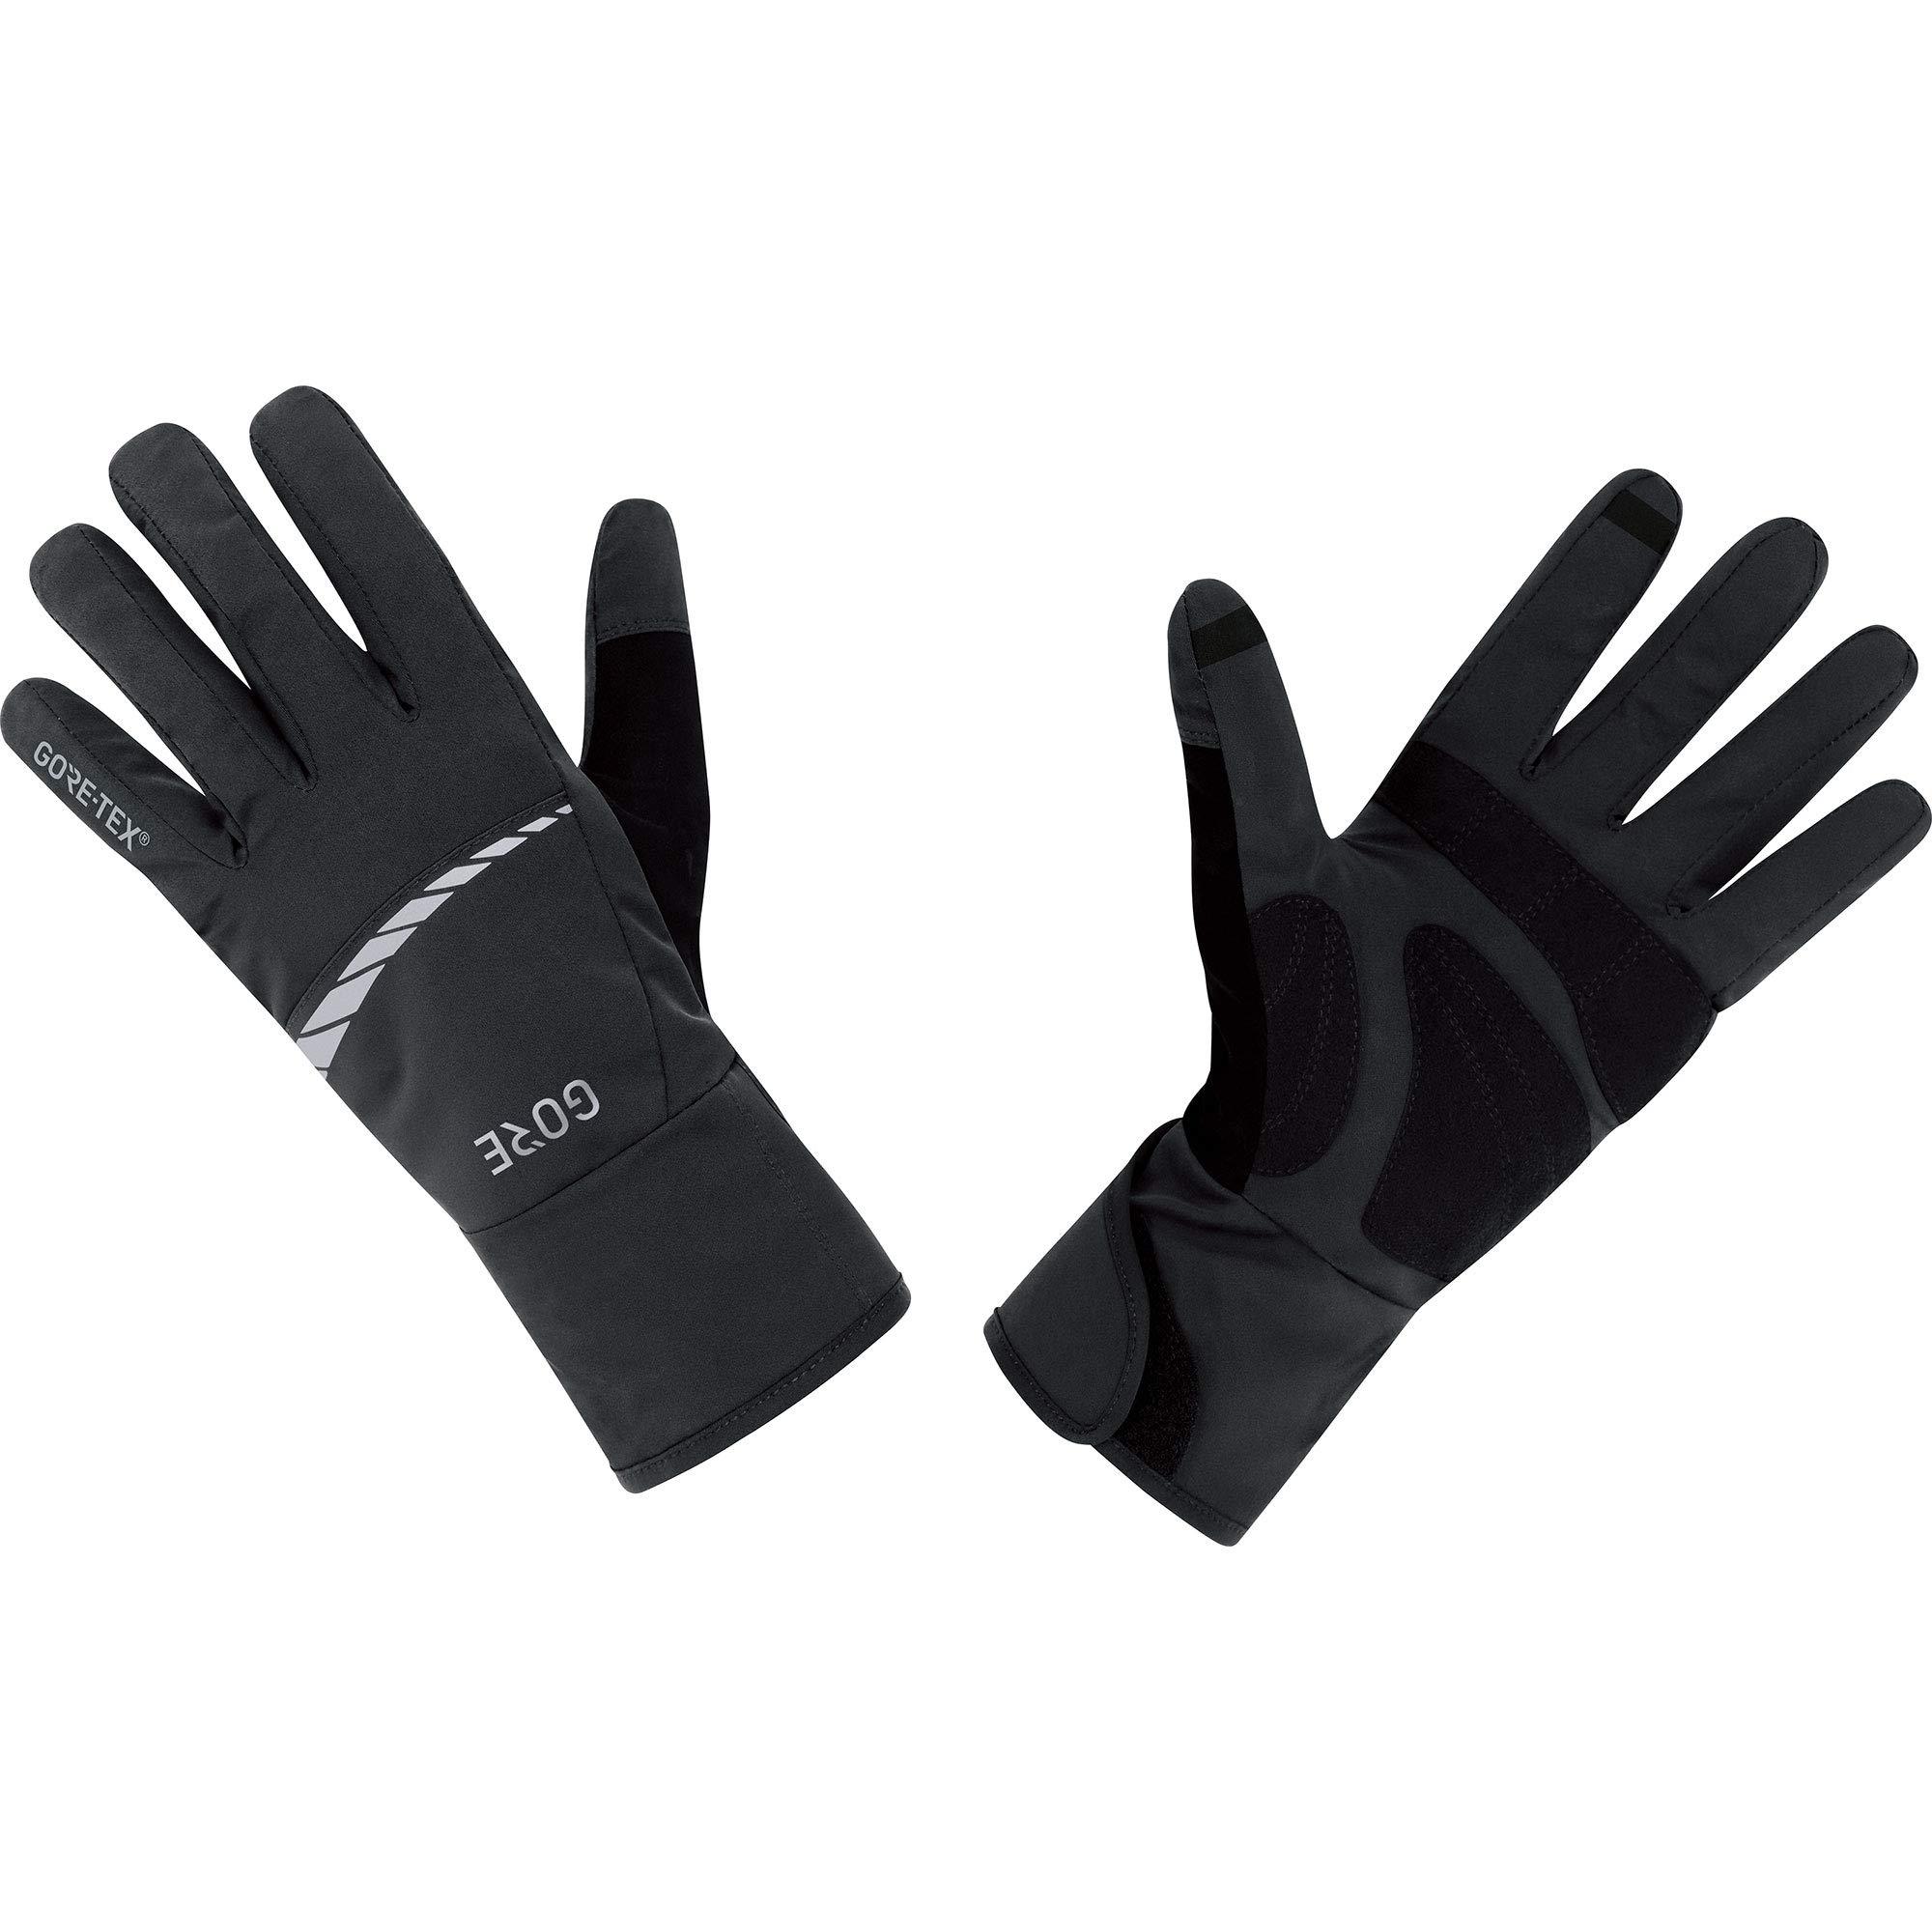 GORE WEAR Men's Waterproof Bike Gloves